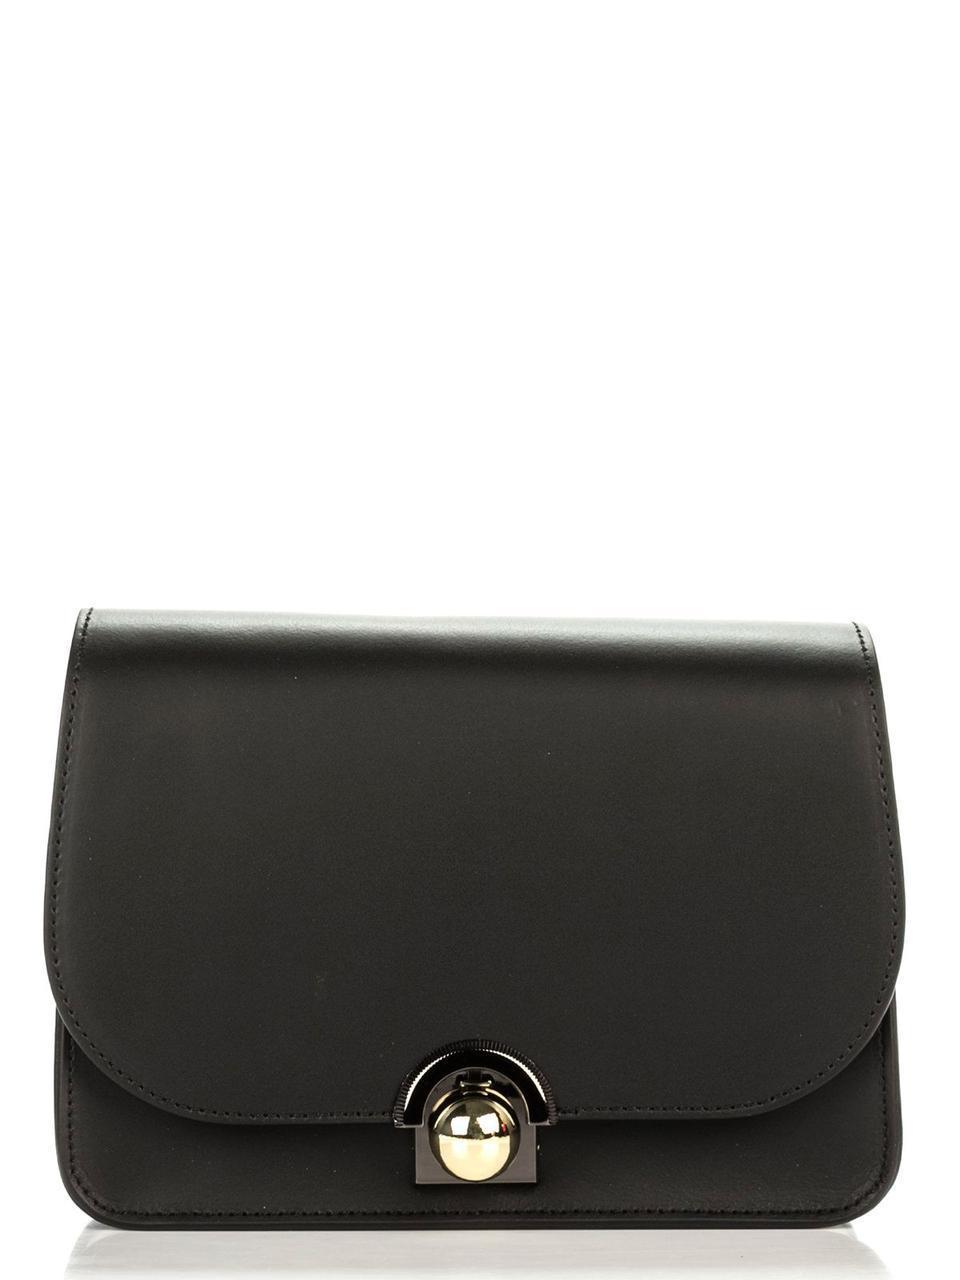 Женская кожаная сумка DINA Diva's Bag цвет черный